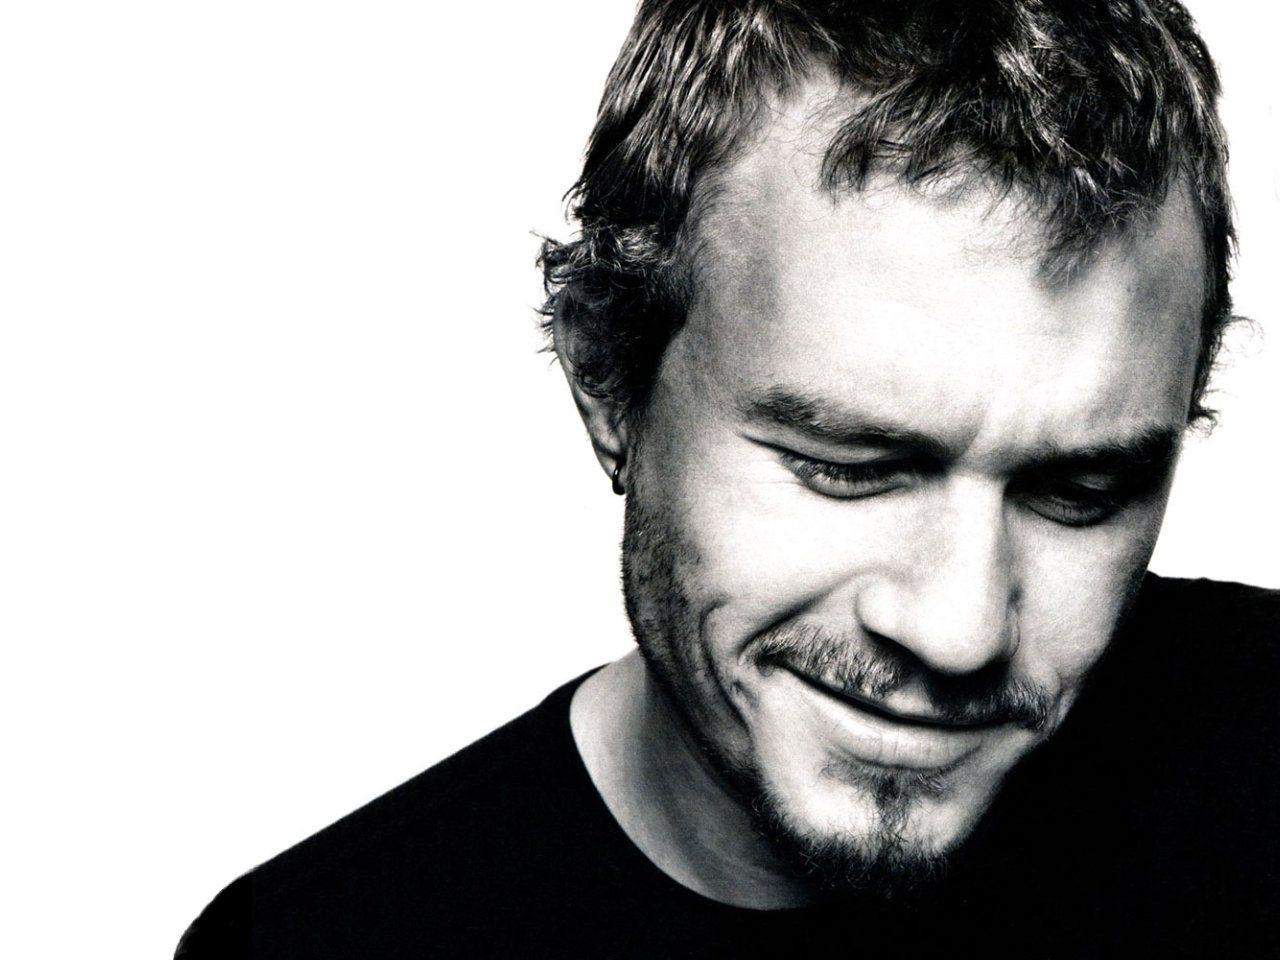 Fondos De Pantalla De Famosos: Heath Ledger Fondo De Pantalla